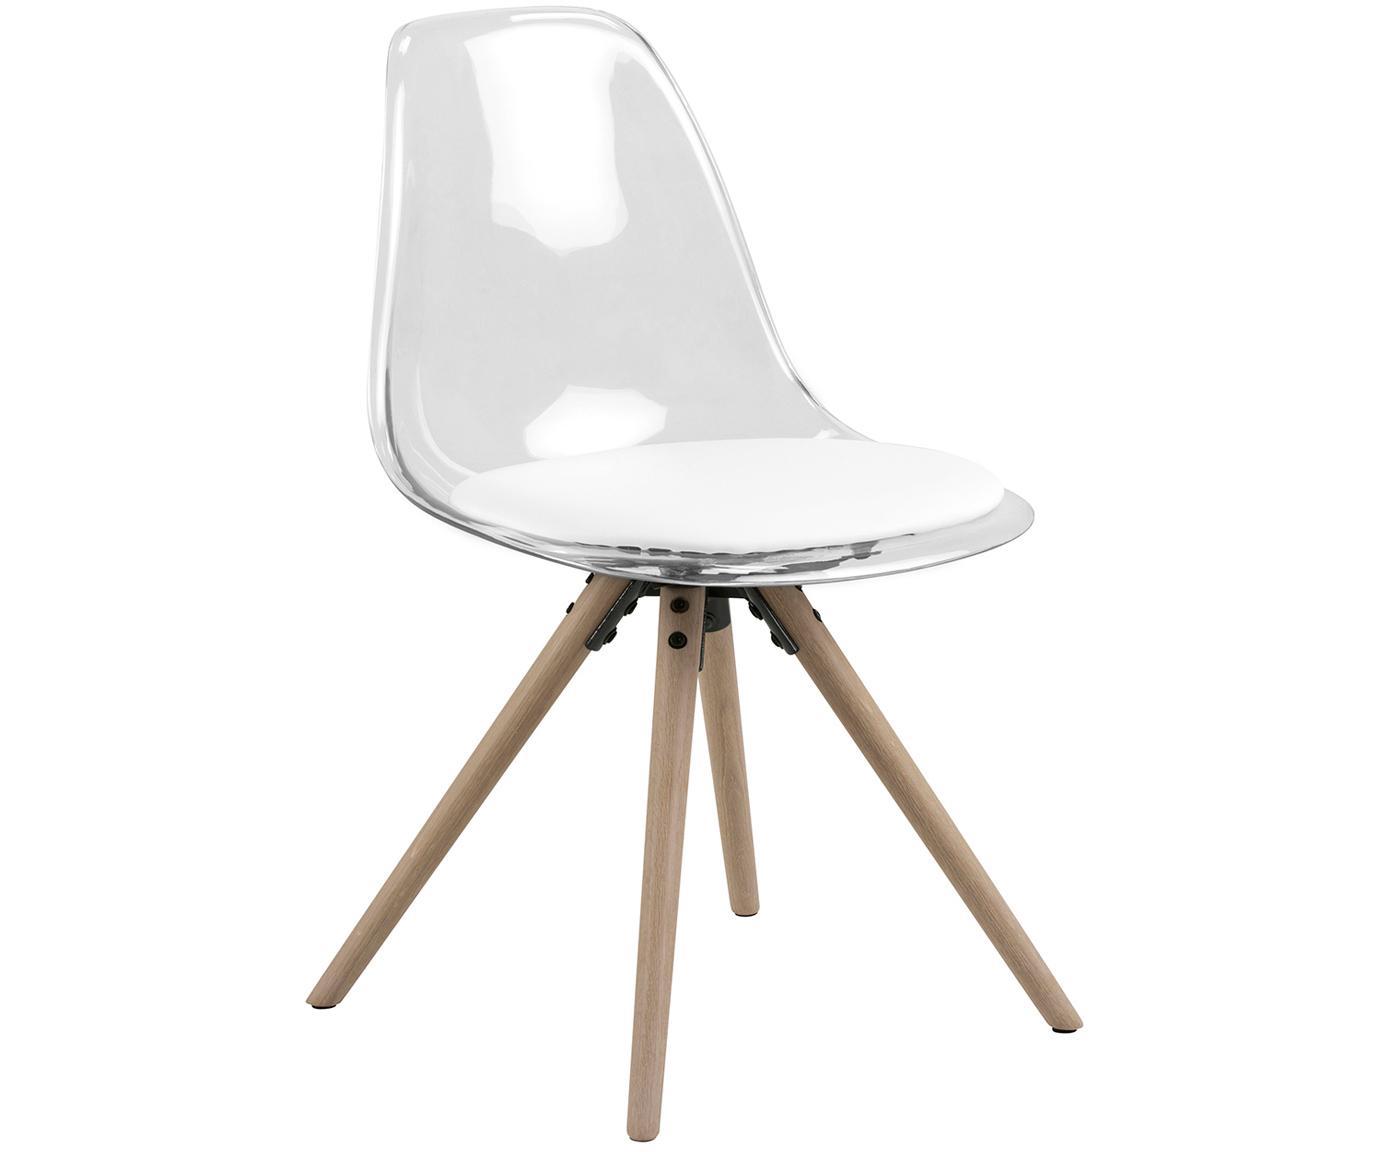 Kunststof stoelen Henning, 2 stuks, Zitvlak: kunststof, Bekleding: kunstleer, Poten: geolied eikenhout, Wit, transparant, eikenhoutkleurig, B 47 x D 53 cm